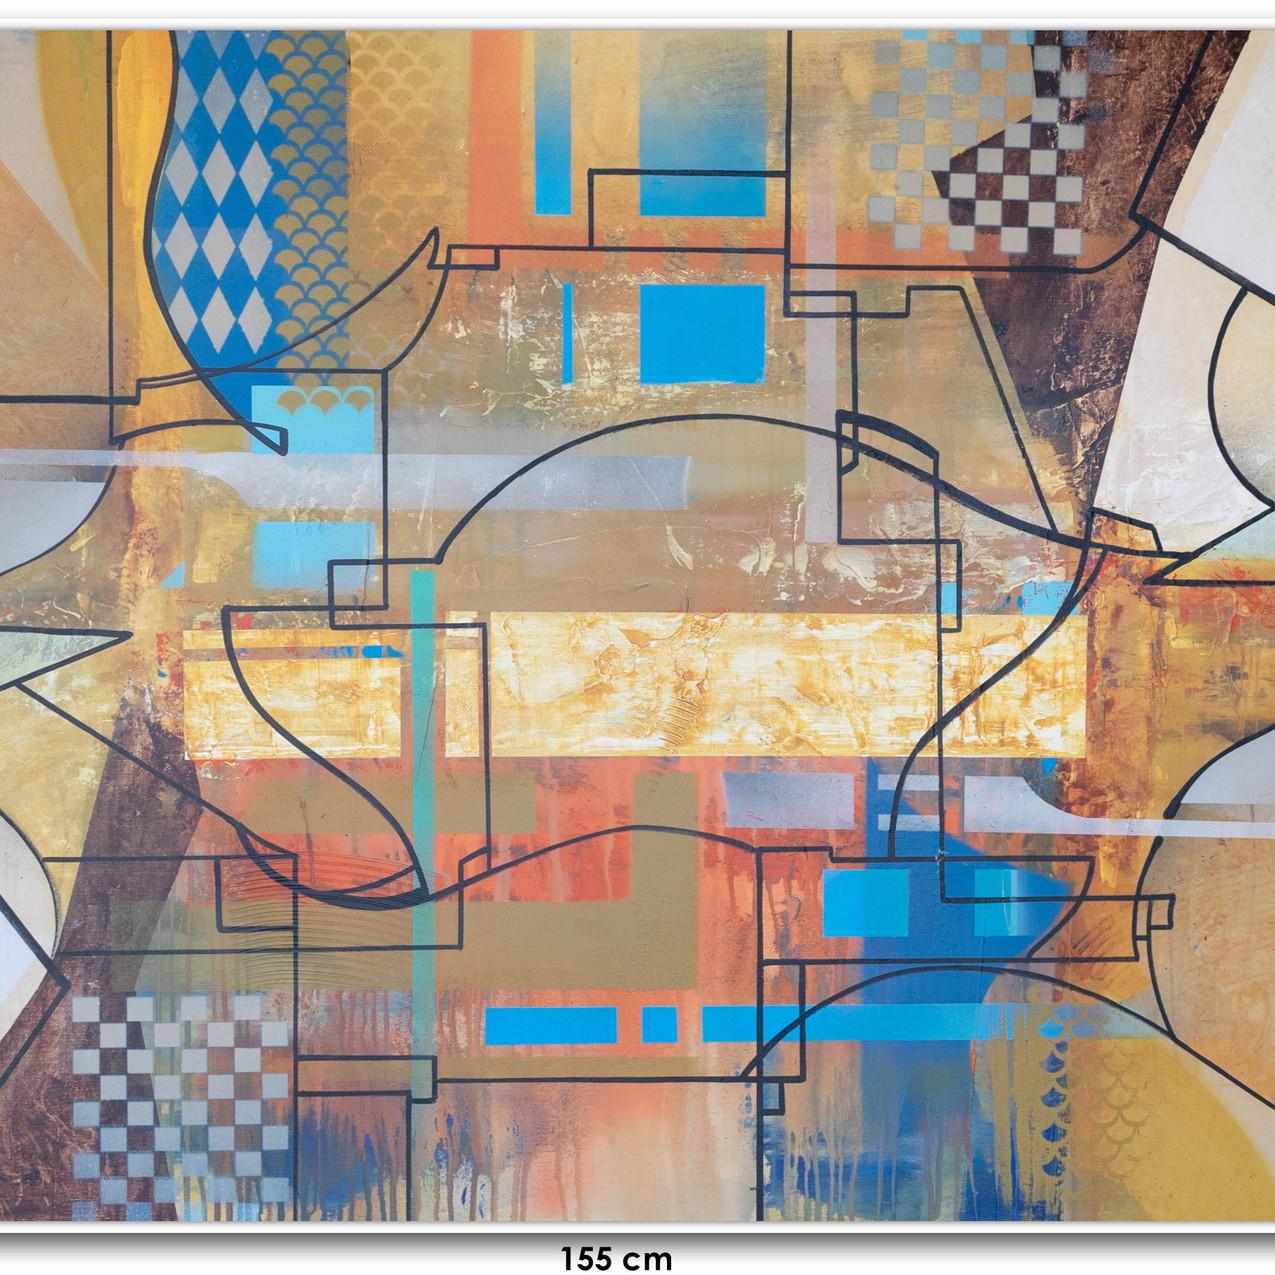 quadro pintura contemporanea em tela (1)